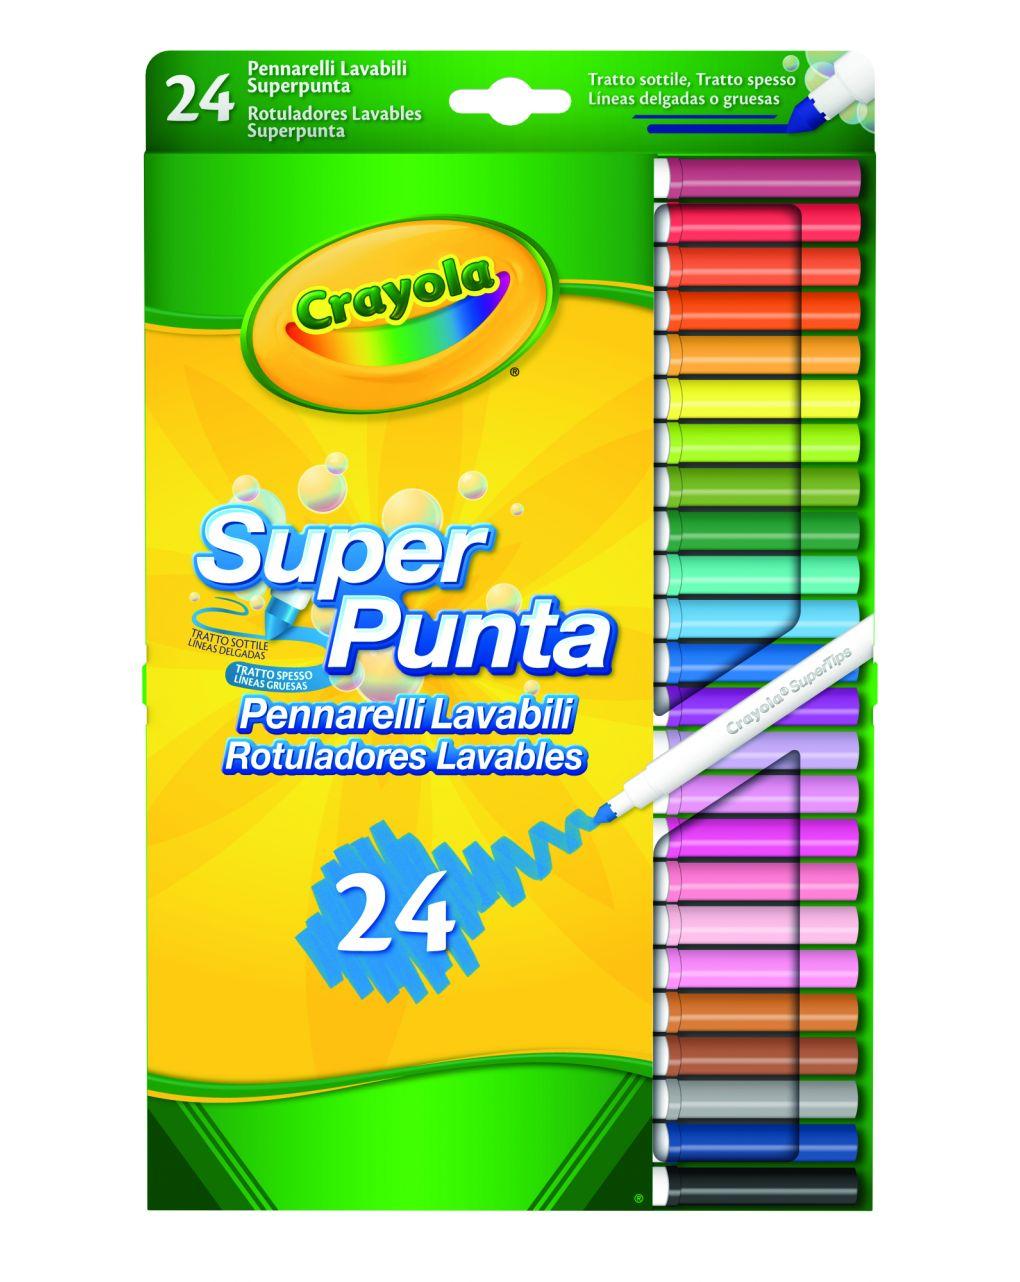 Crayola - 24 cores de fibra super-ponta - Crayola